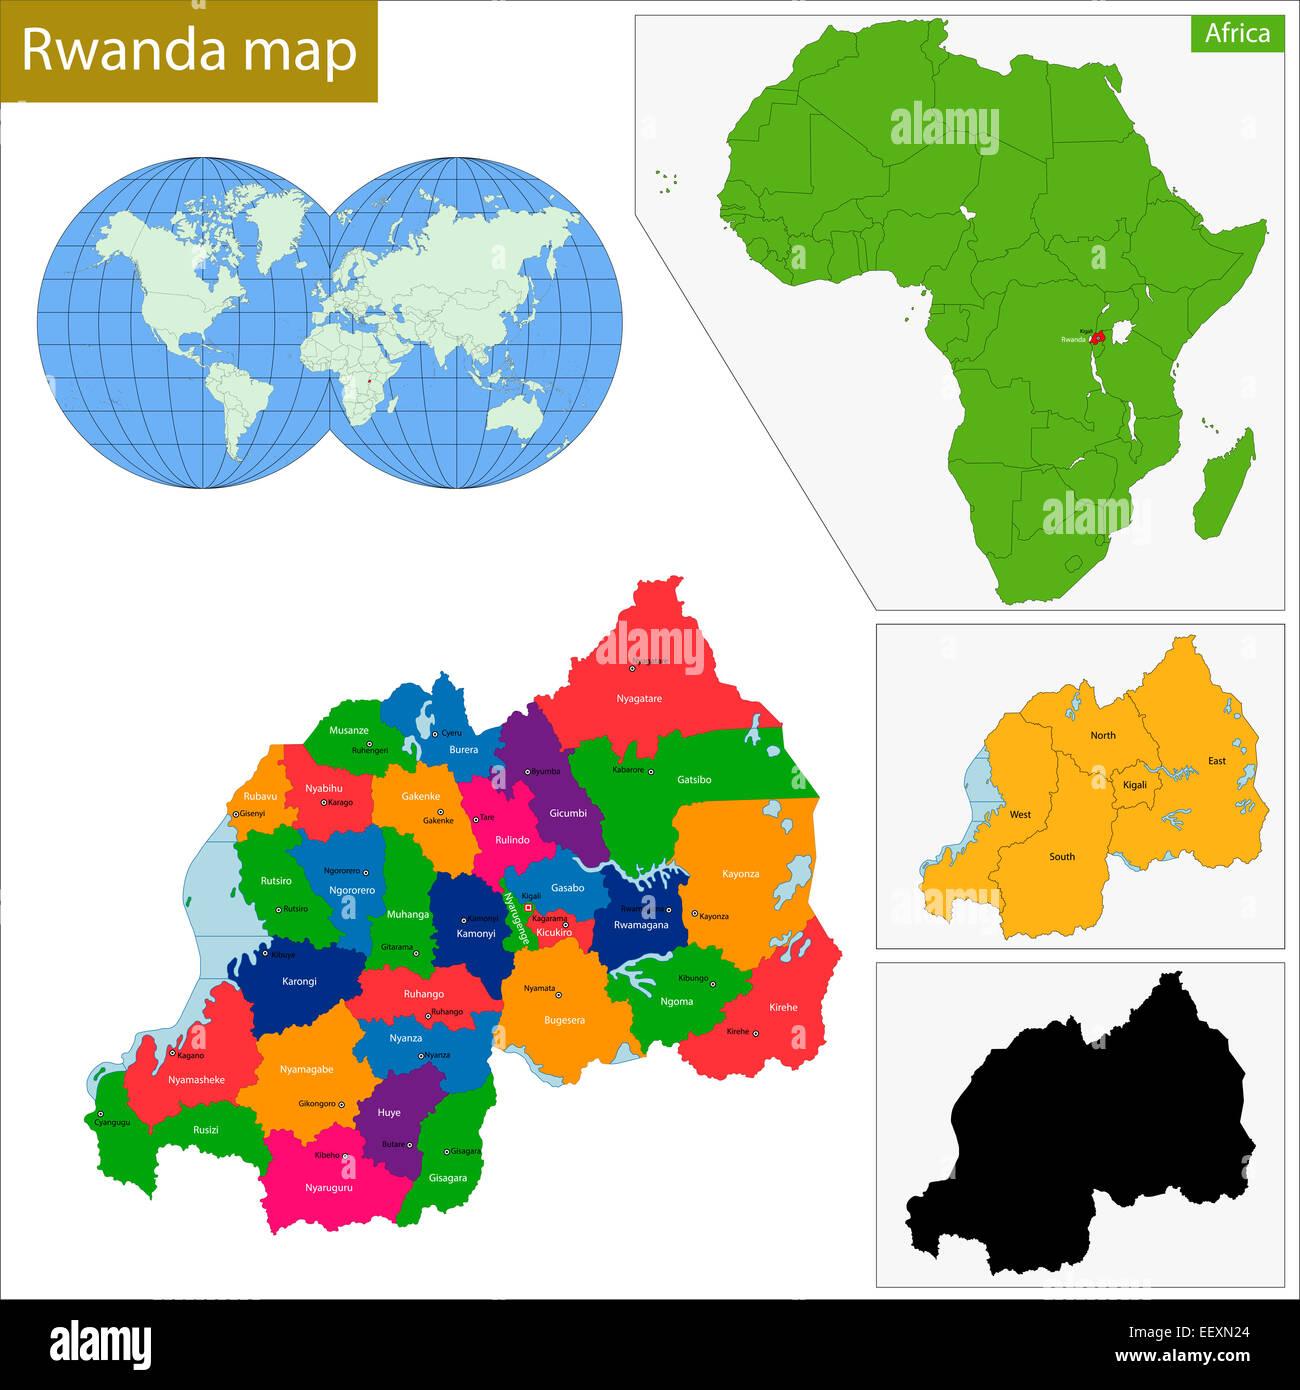 Rwanda Map Stock Photos & Rwanda Map Stock Images - Alamy